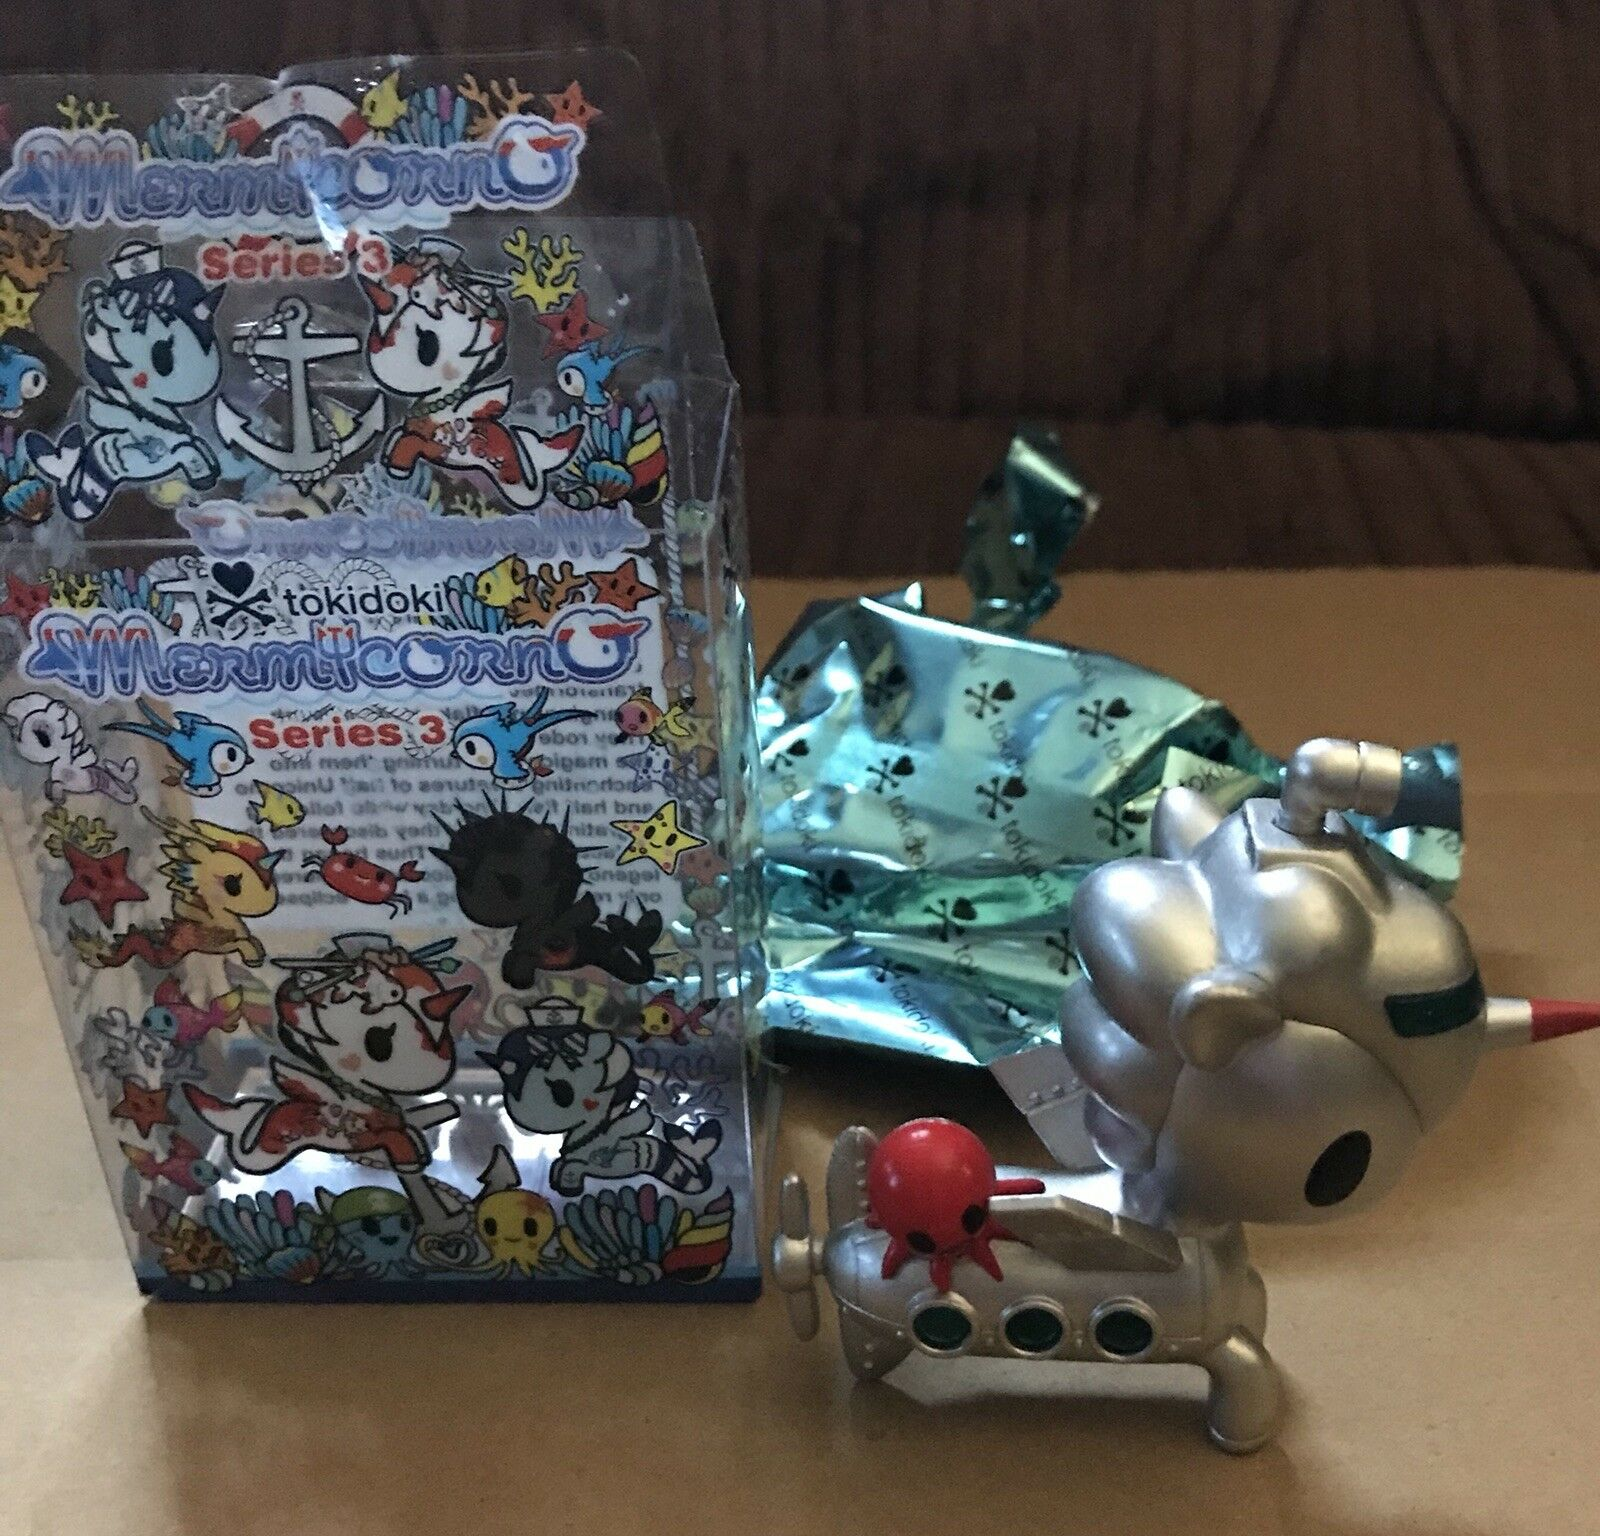 Mermicorno Submarino Chase Series 3 Tokidoki vinyl toy mini figure